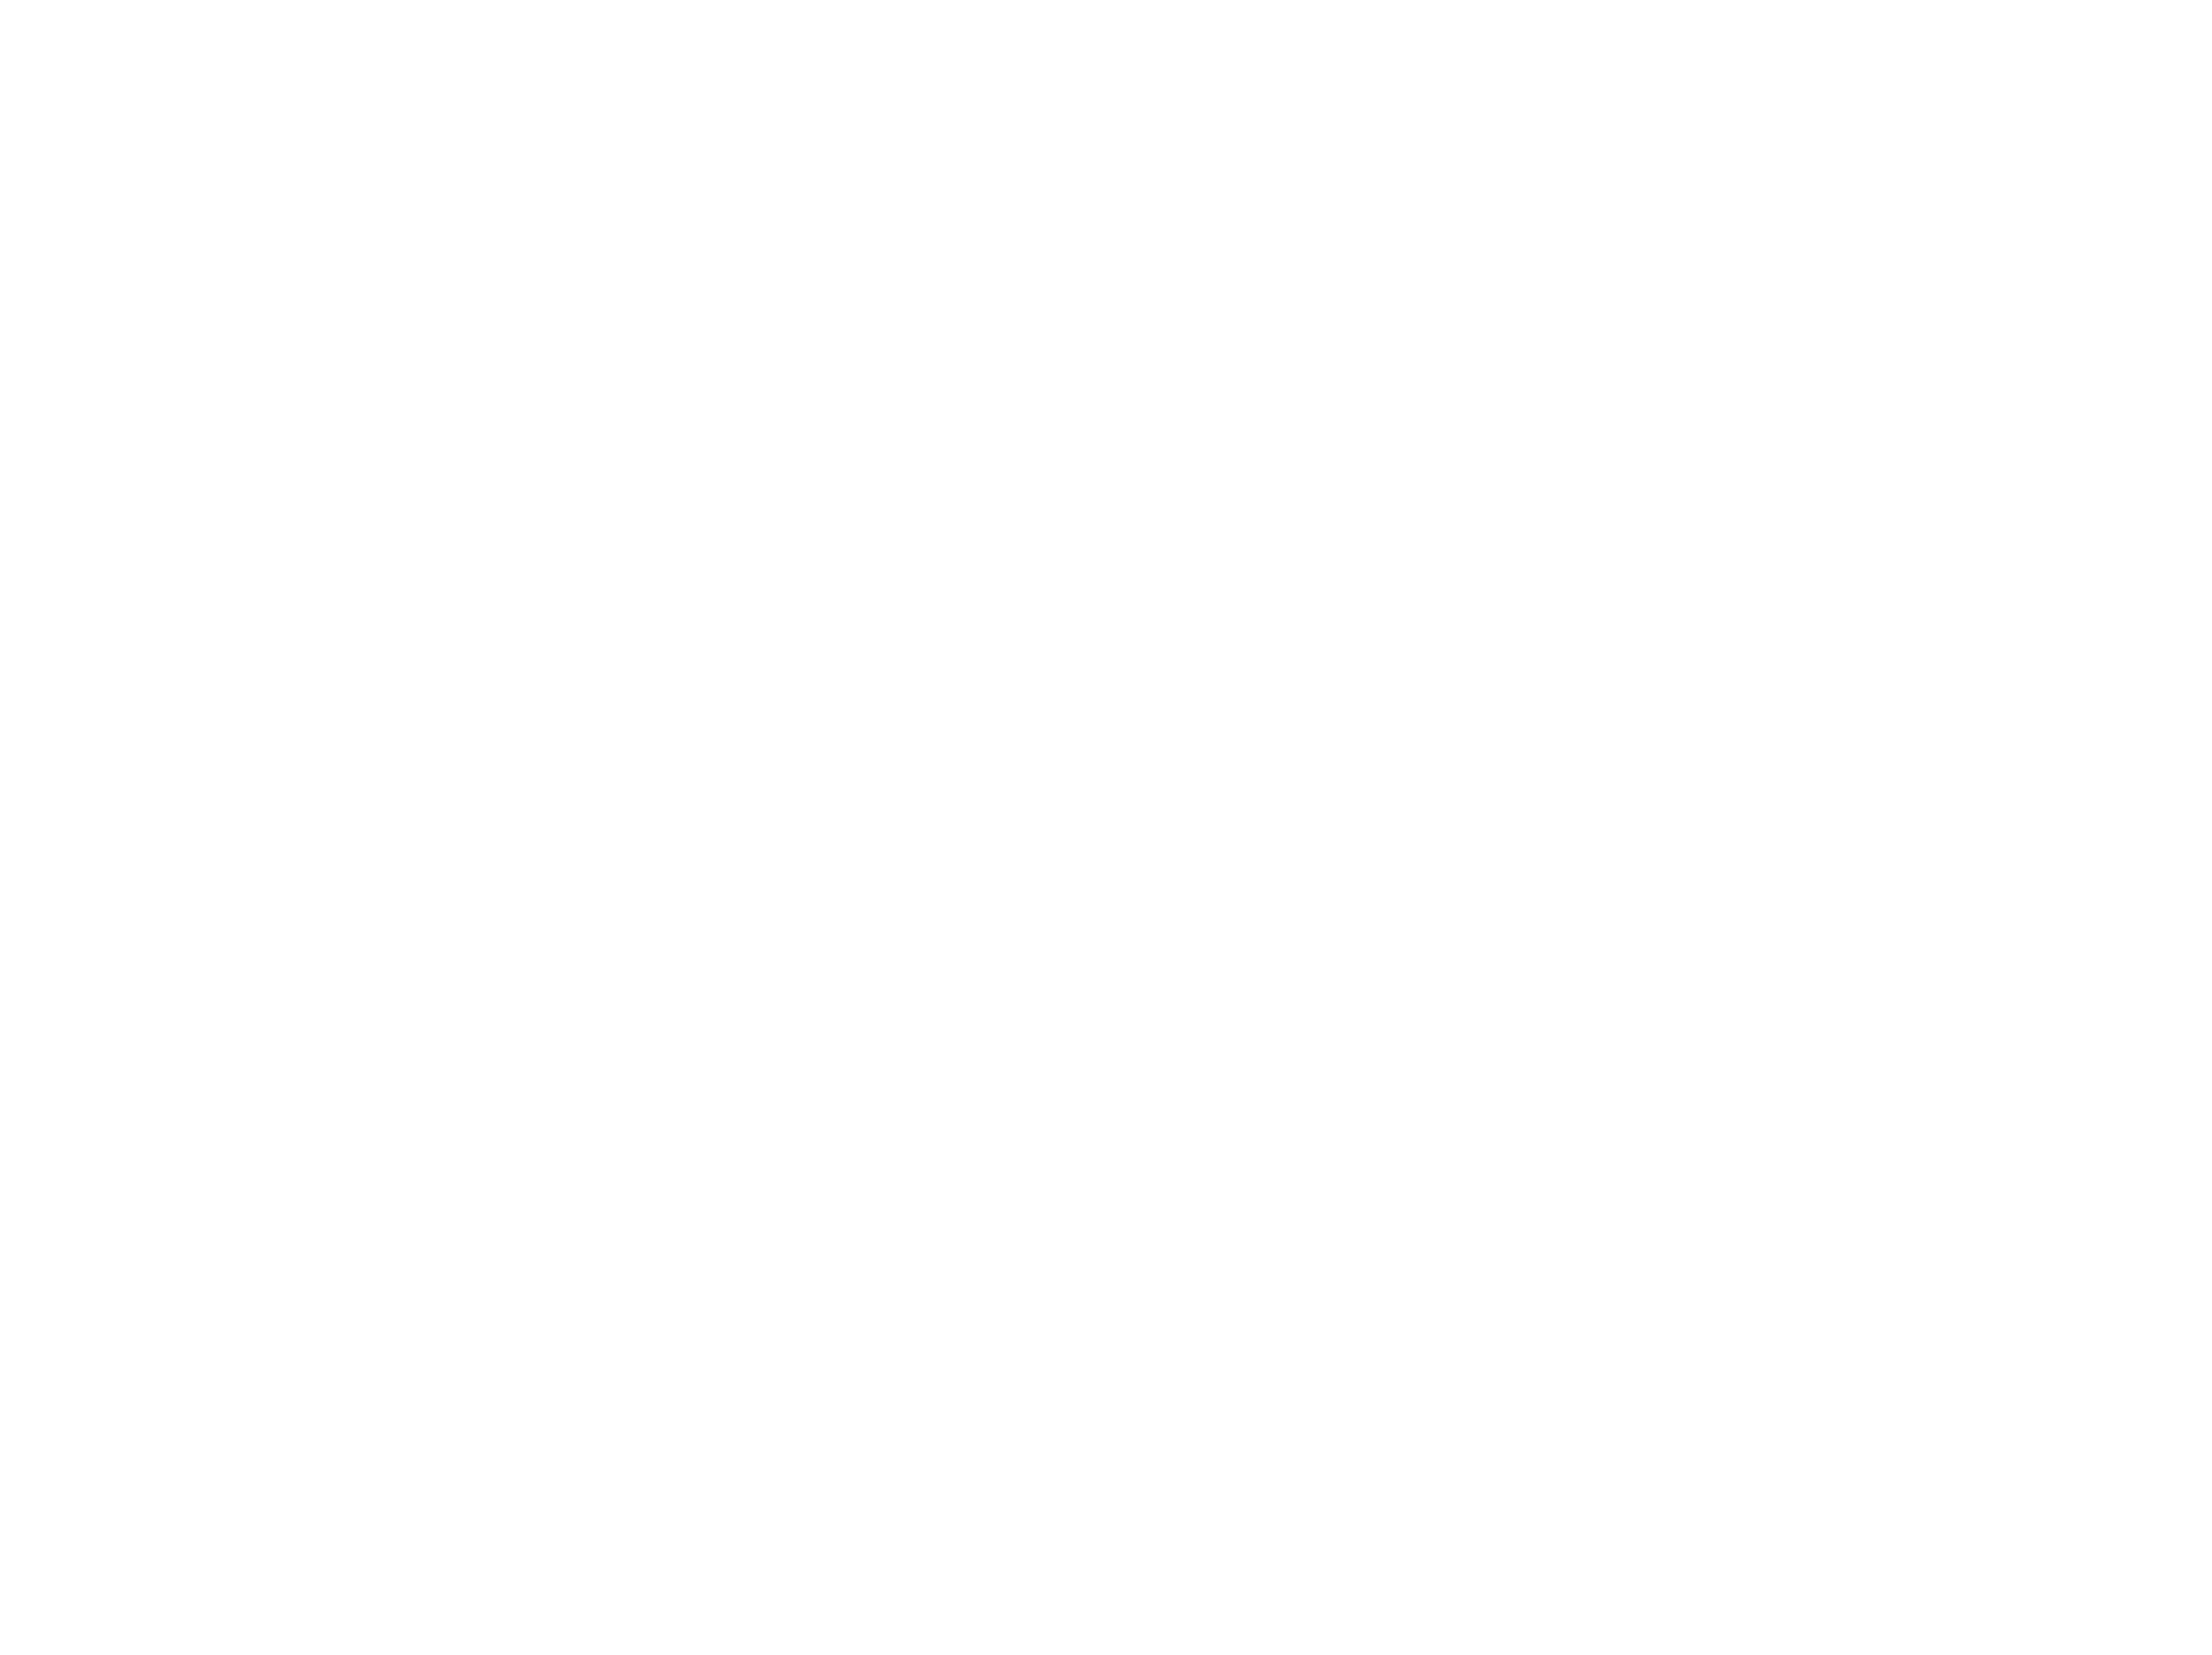 MAIROON fietsen logo wit